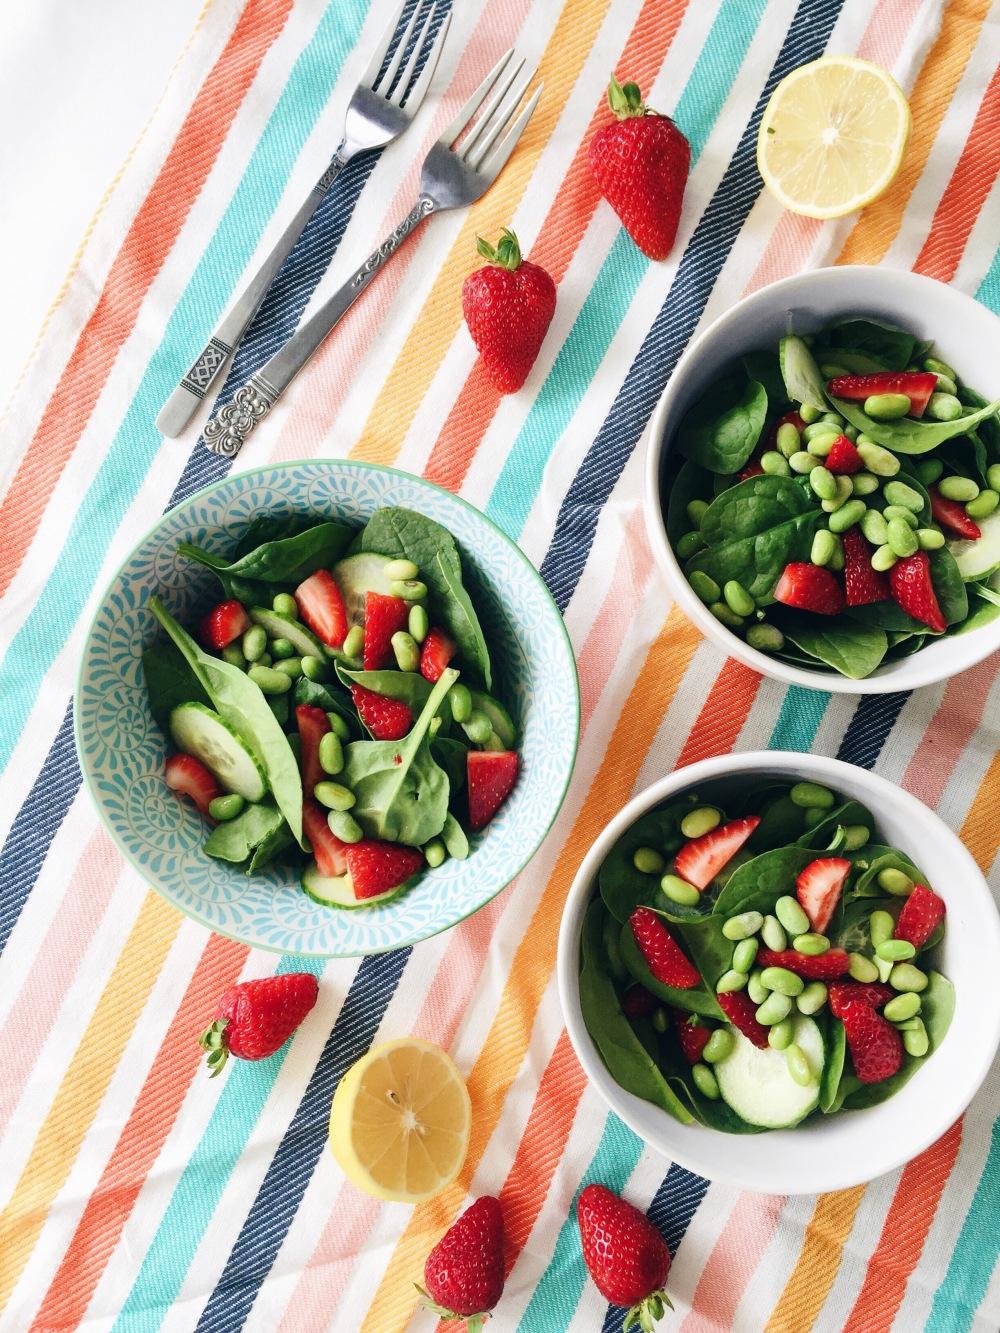 Salade aux épinards, fraises, gourganes, concombre et coriandre